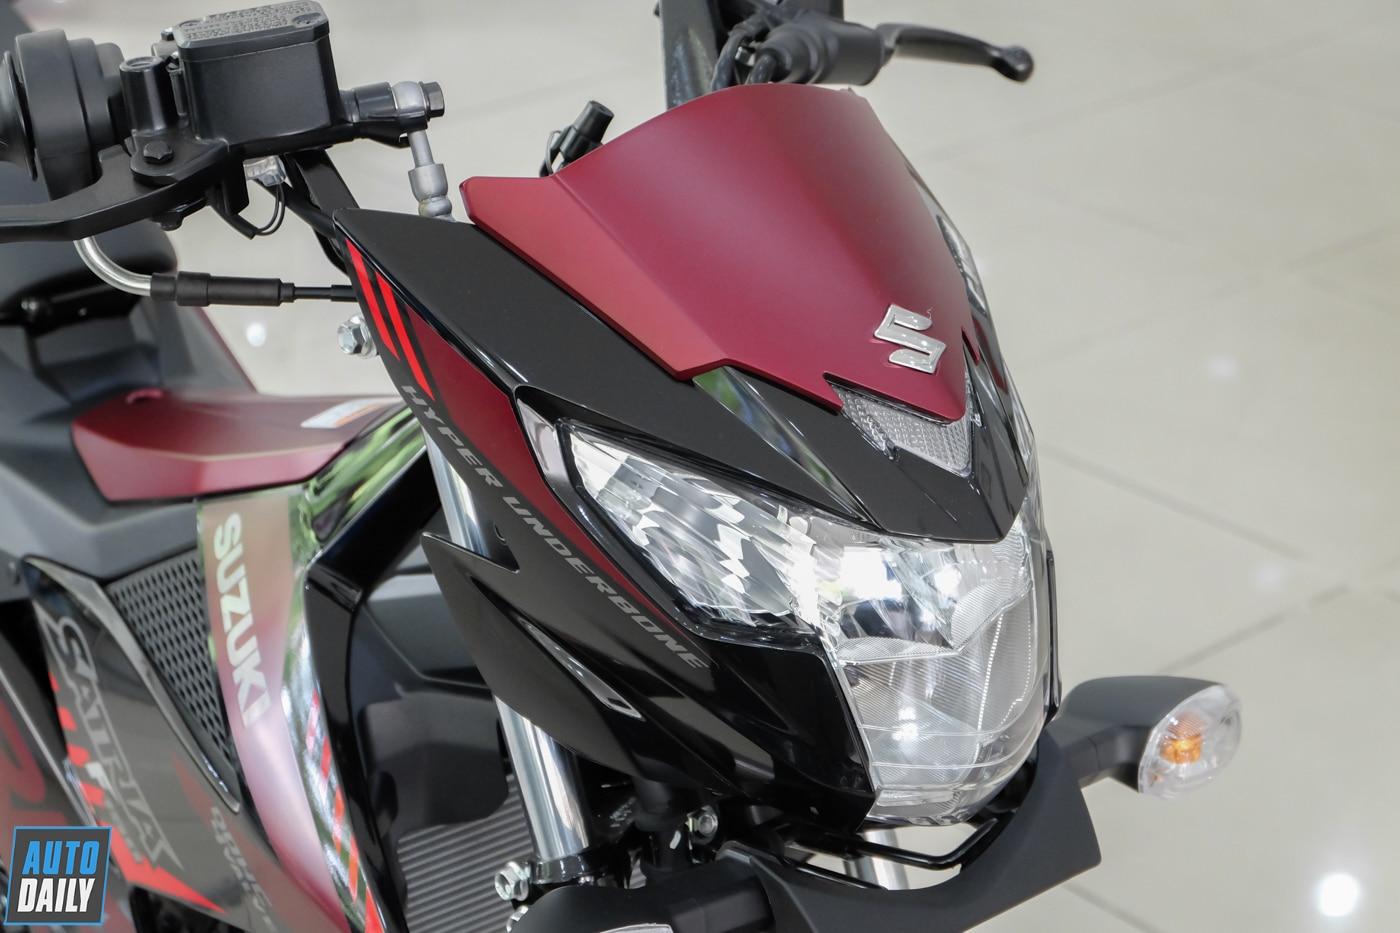 Cận cảnh Suzuki Satria F150 2021 giá gần 52 triệu đồng Suzuki-Satria-F150-2021 (15).JPG